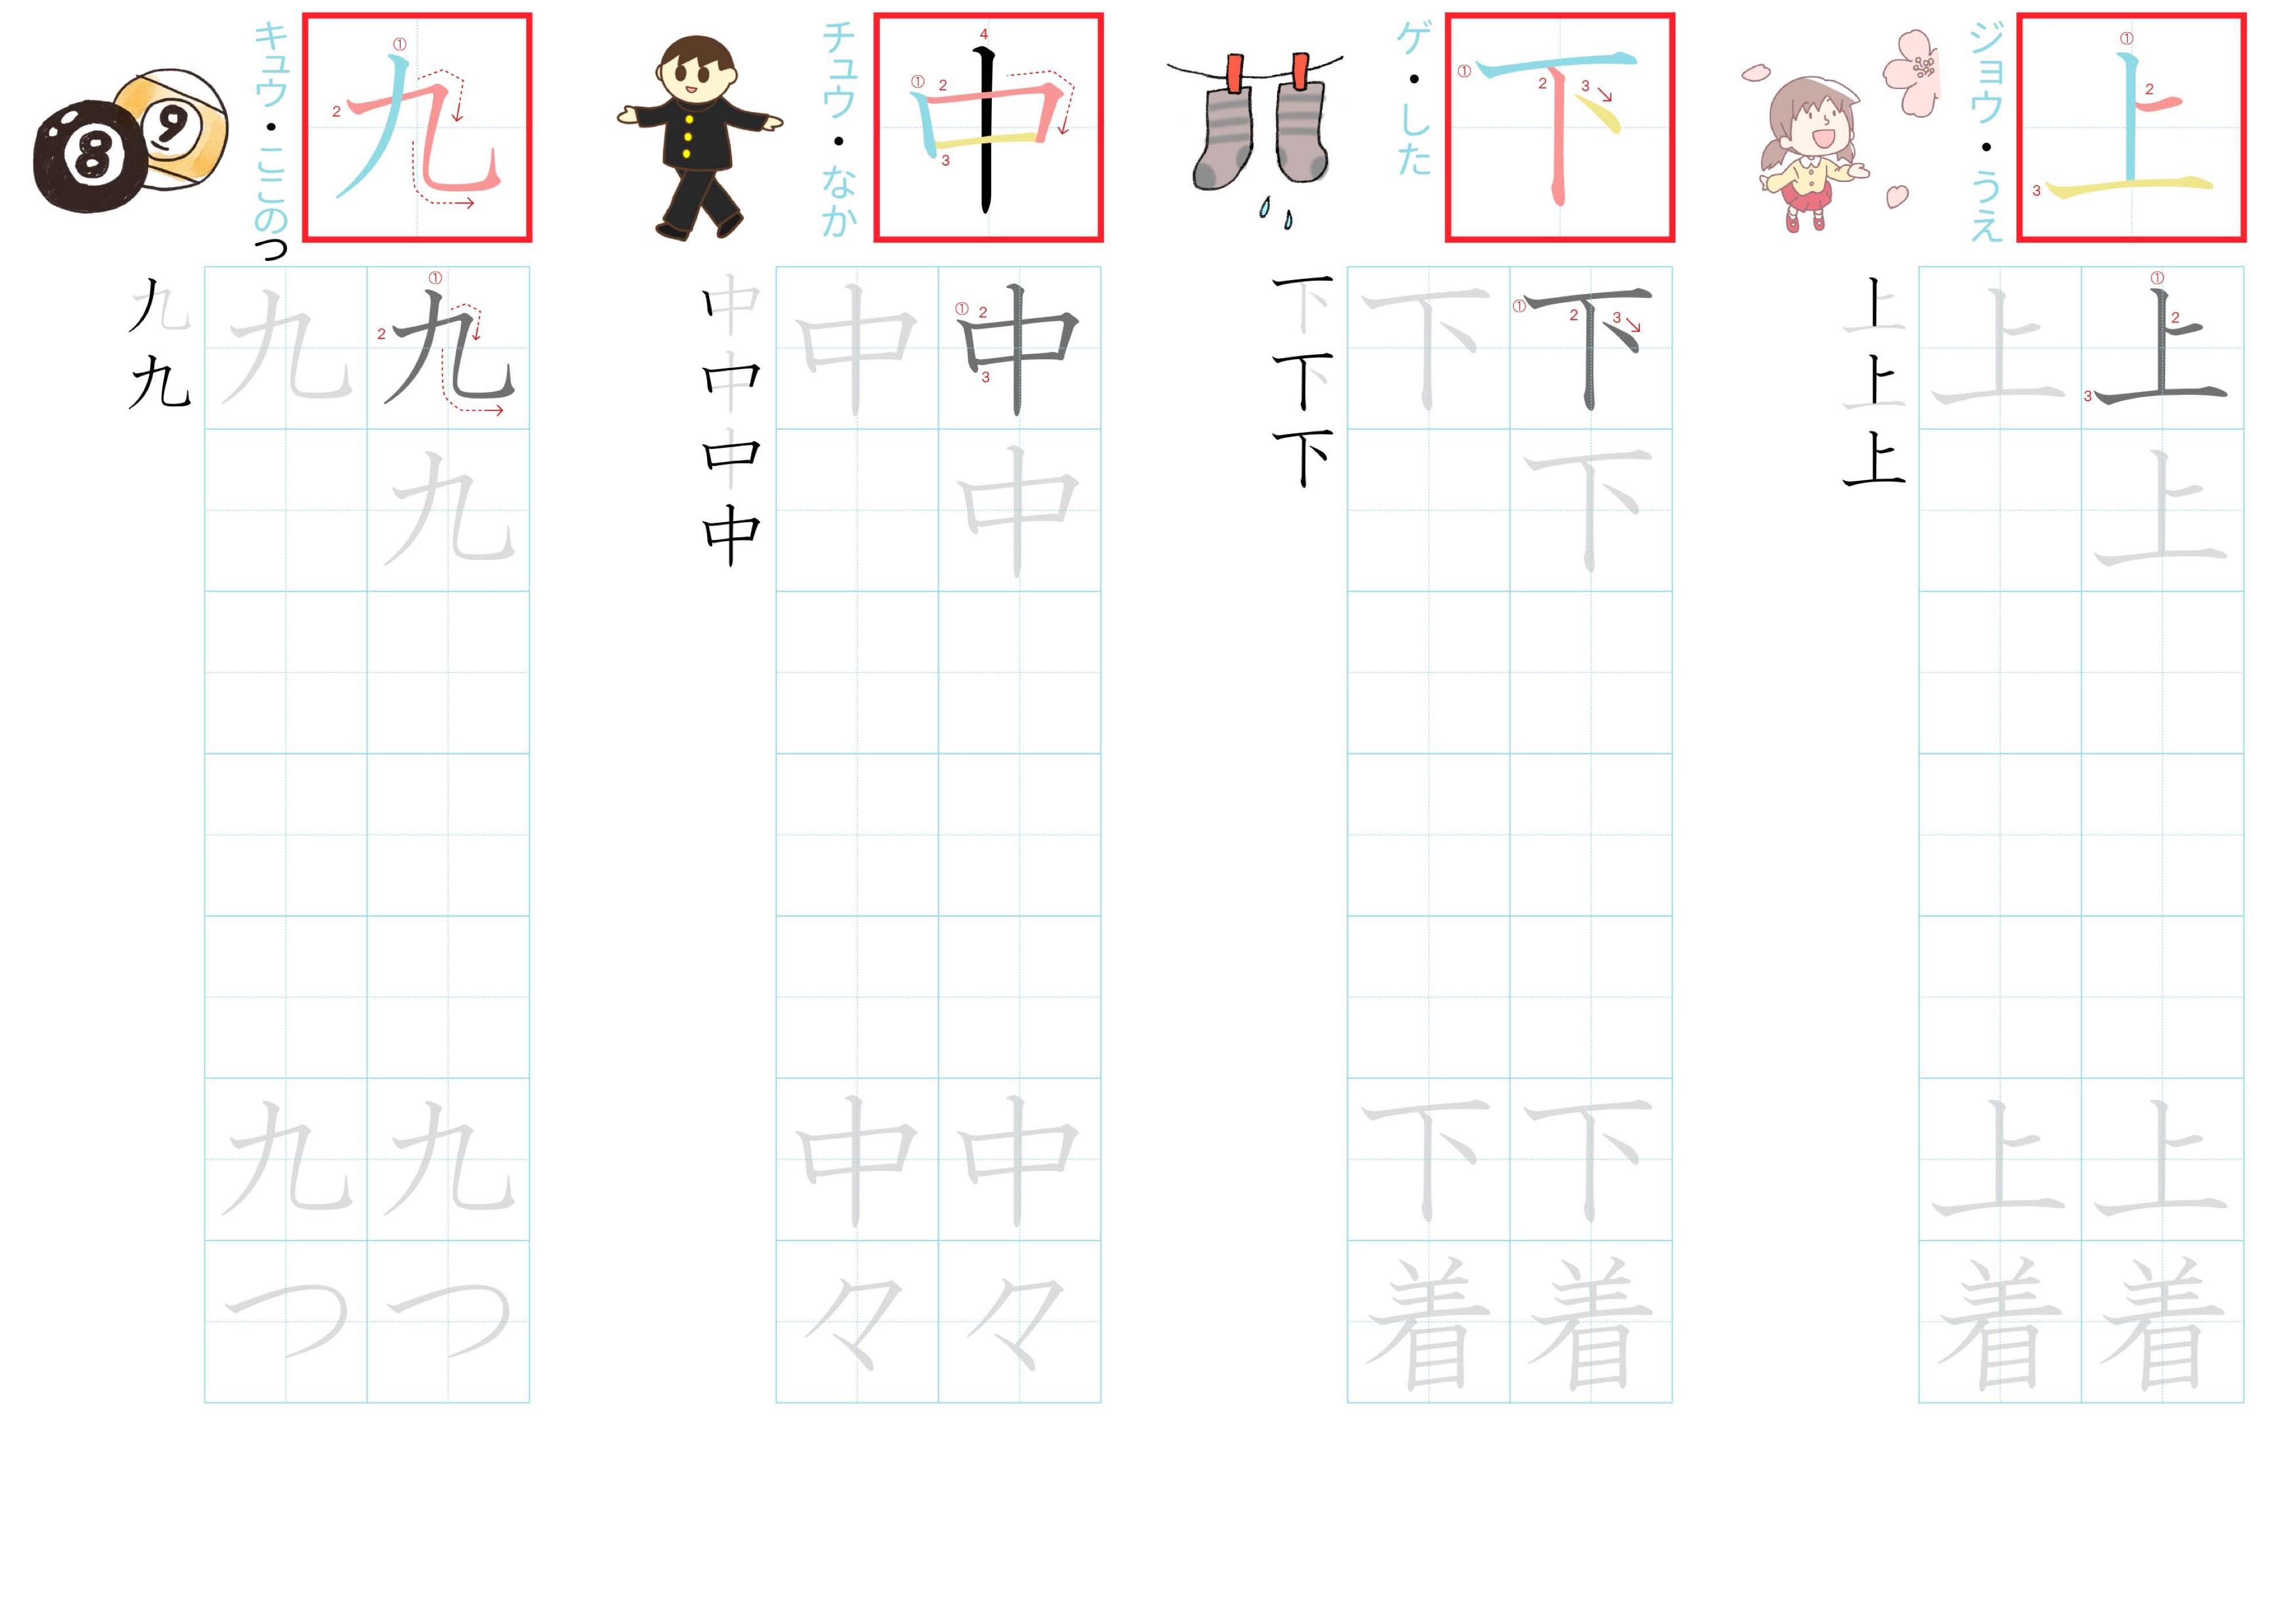 kanji-practice-card-n5-japanese-002